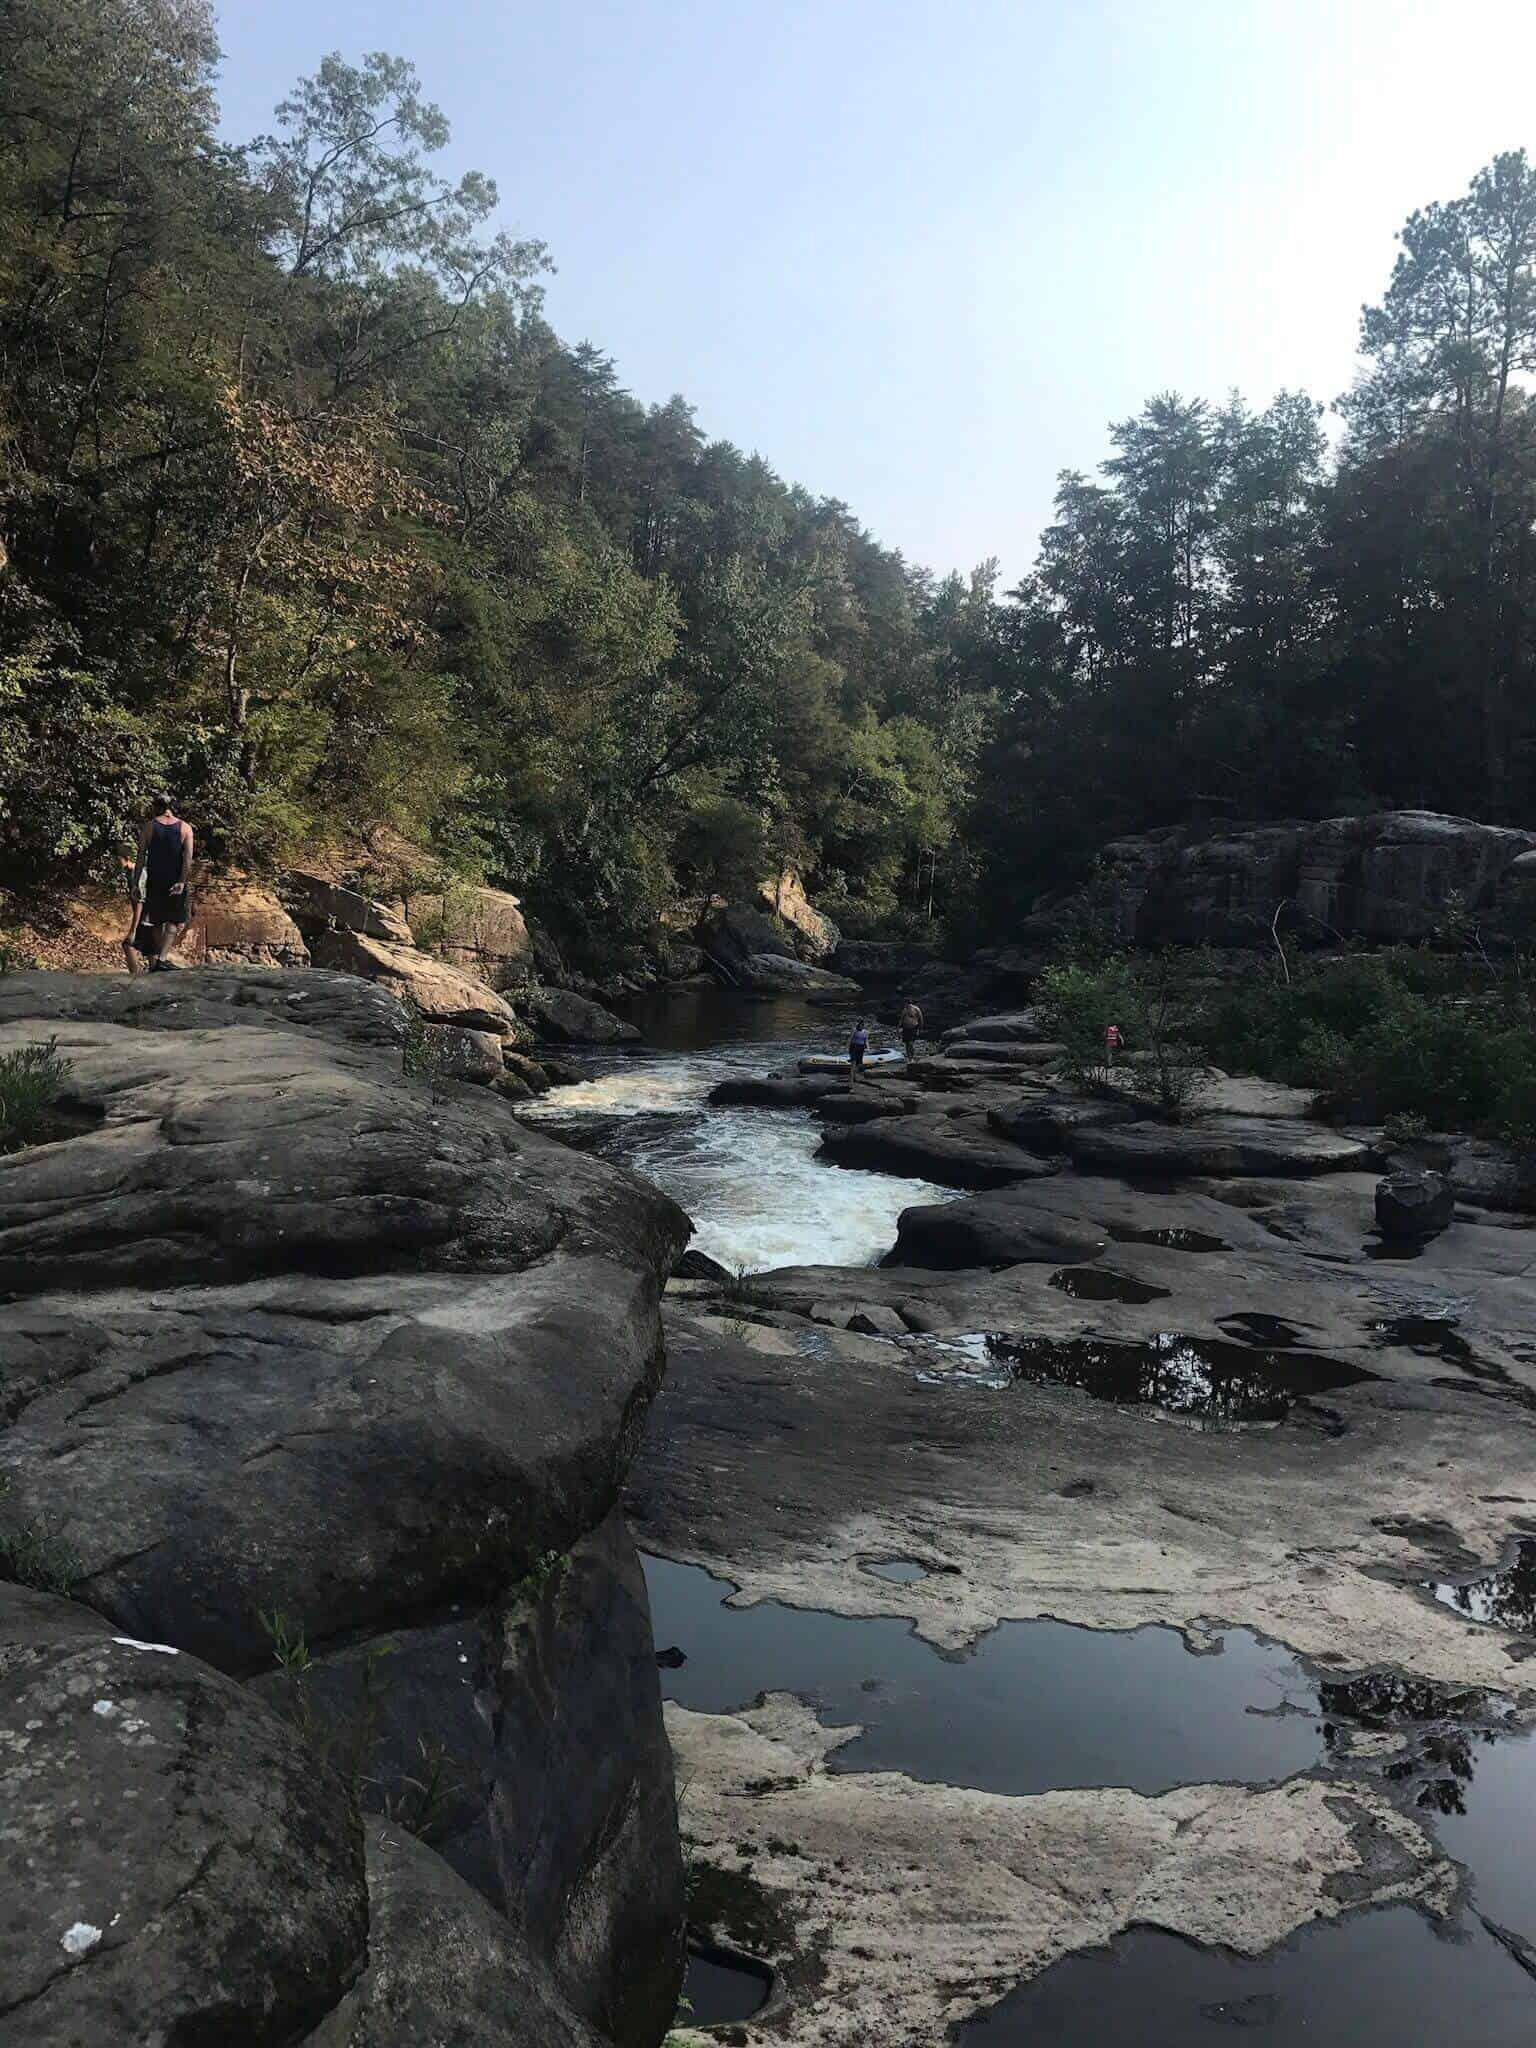 A river in Alabama